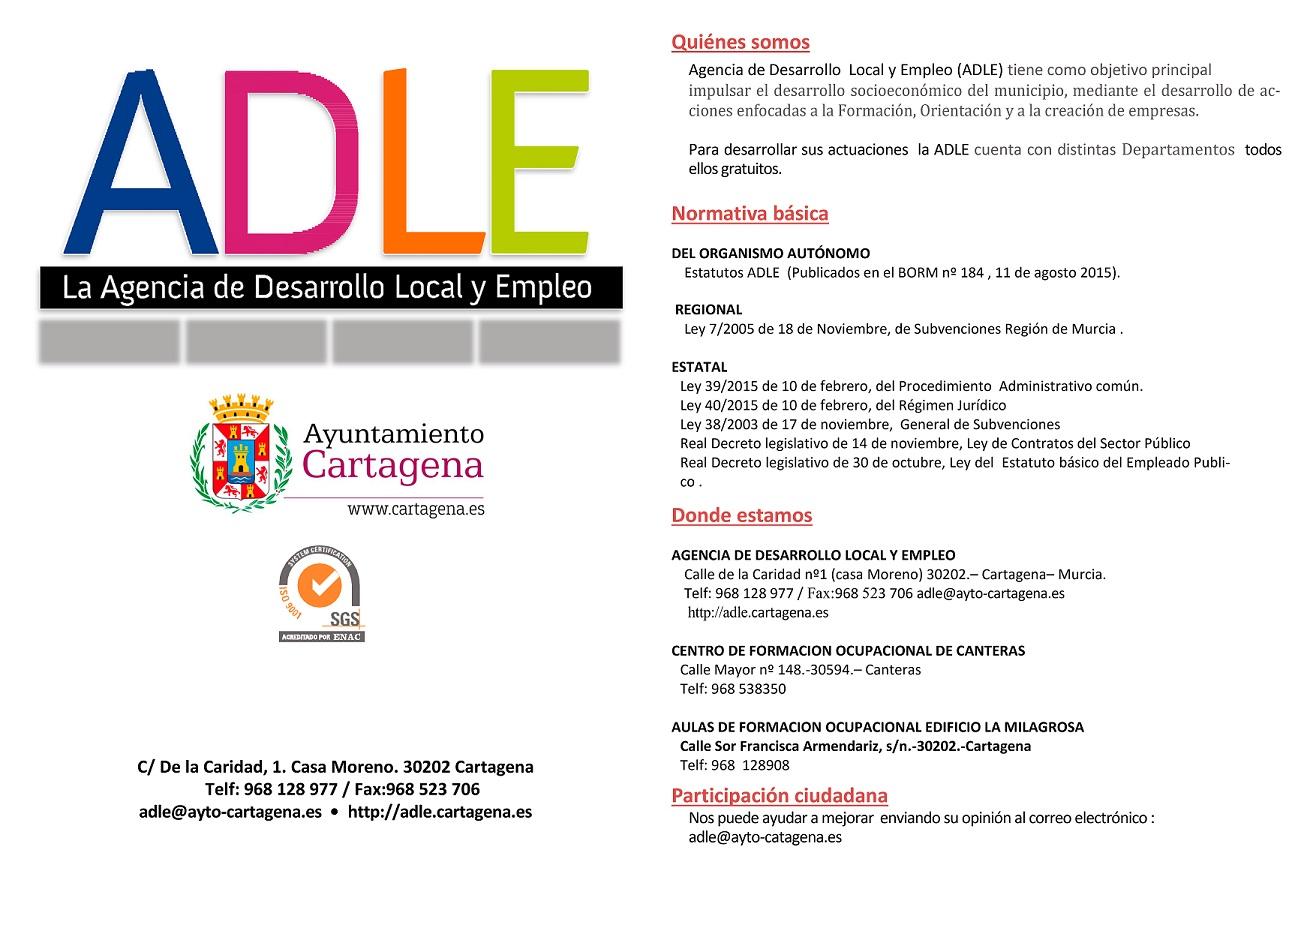 Carta de Servicios ADLE. Documento PDF - 871,91 KB. Se abre en ventana nueva